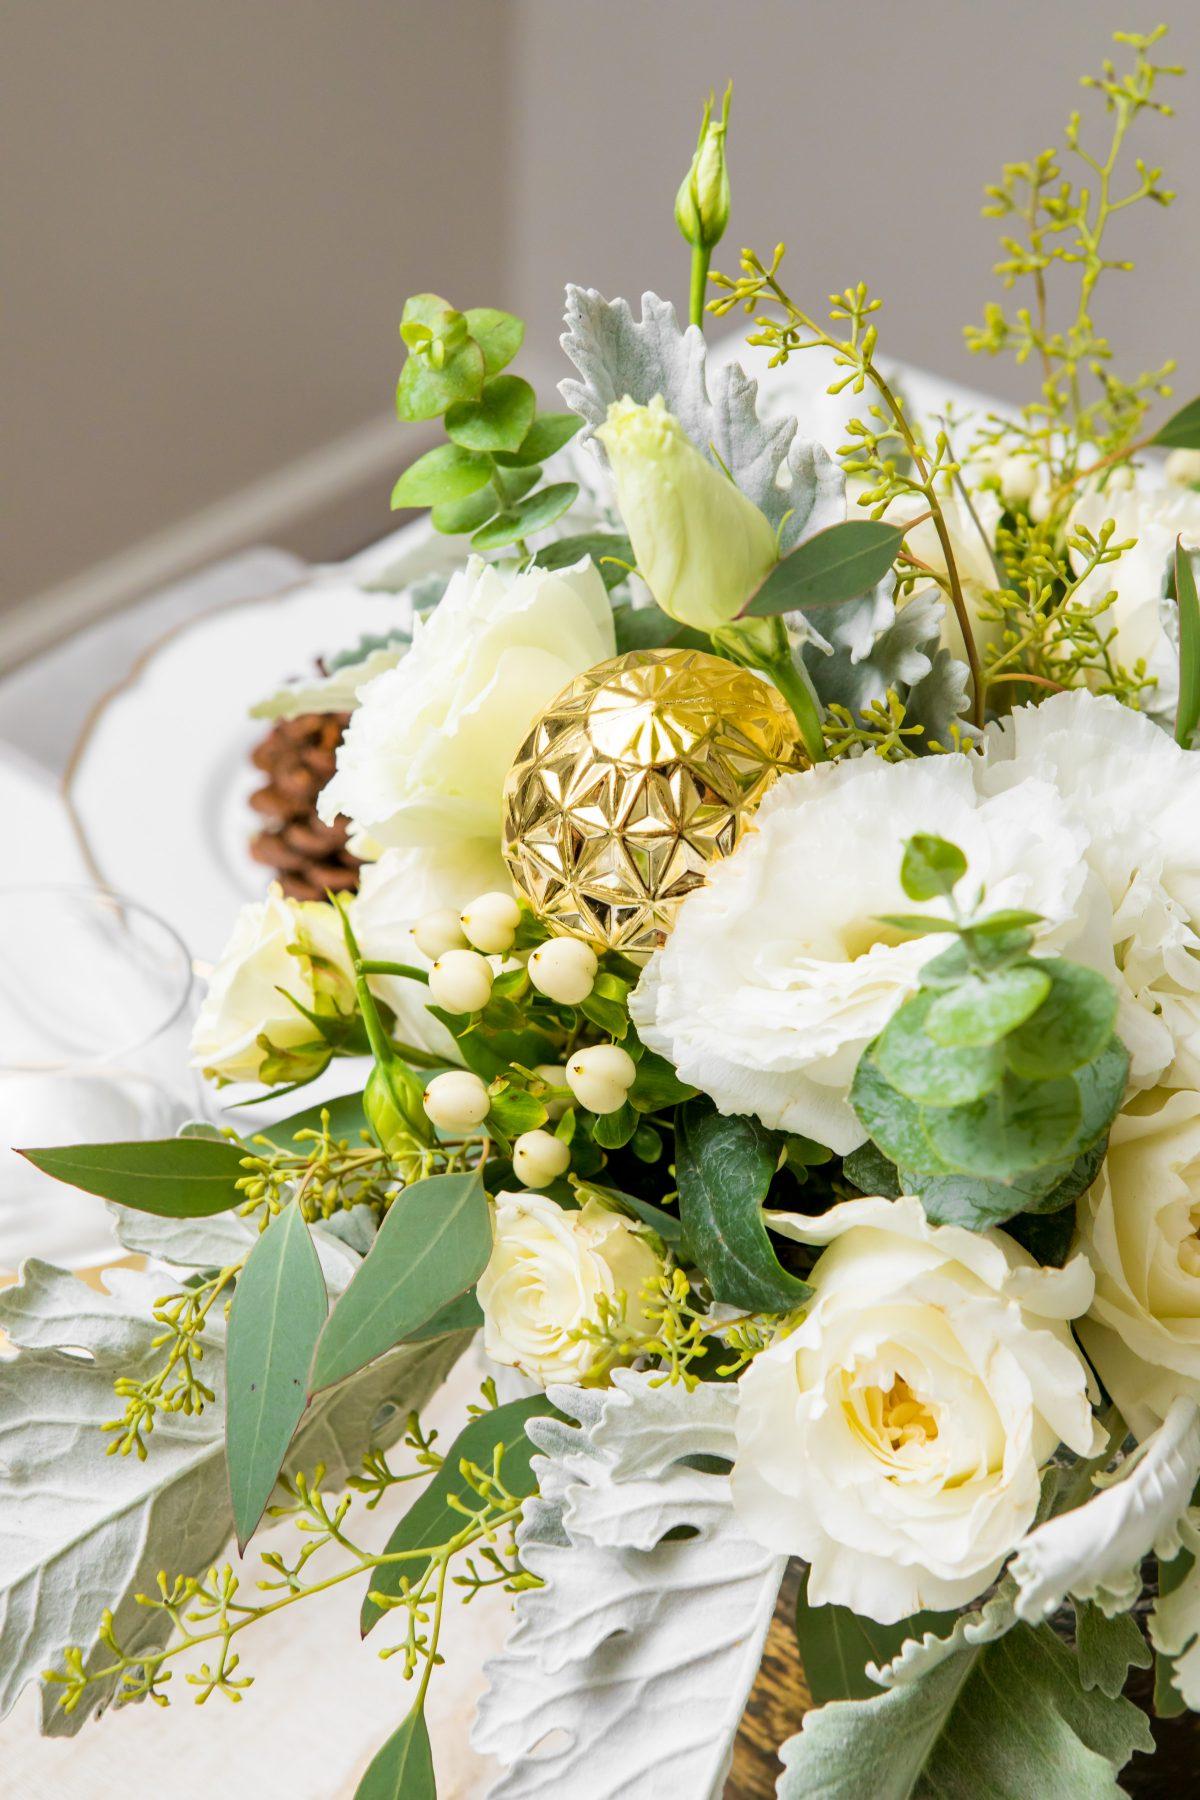 5D4B3951 - Tablescapes - Christmas-floral-arrangement-ornaments